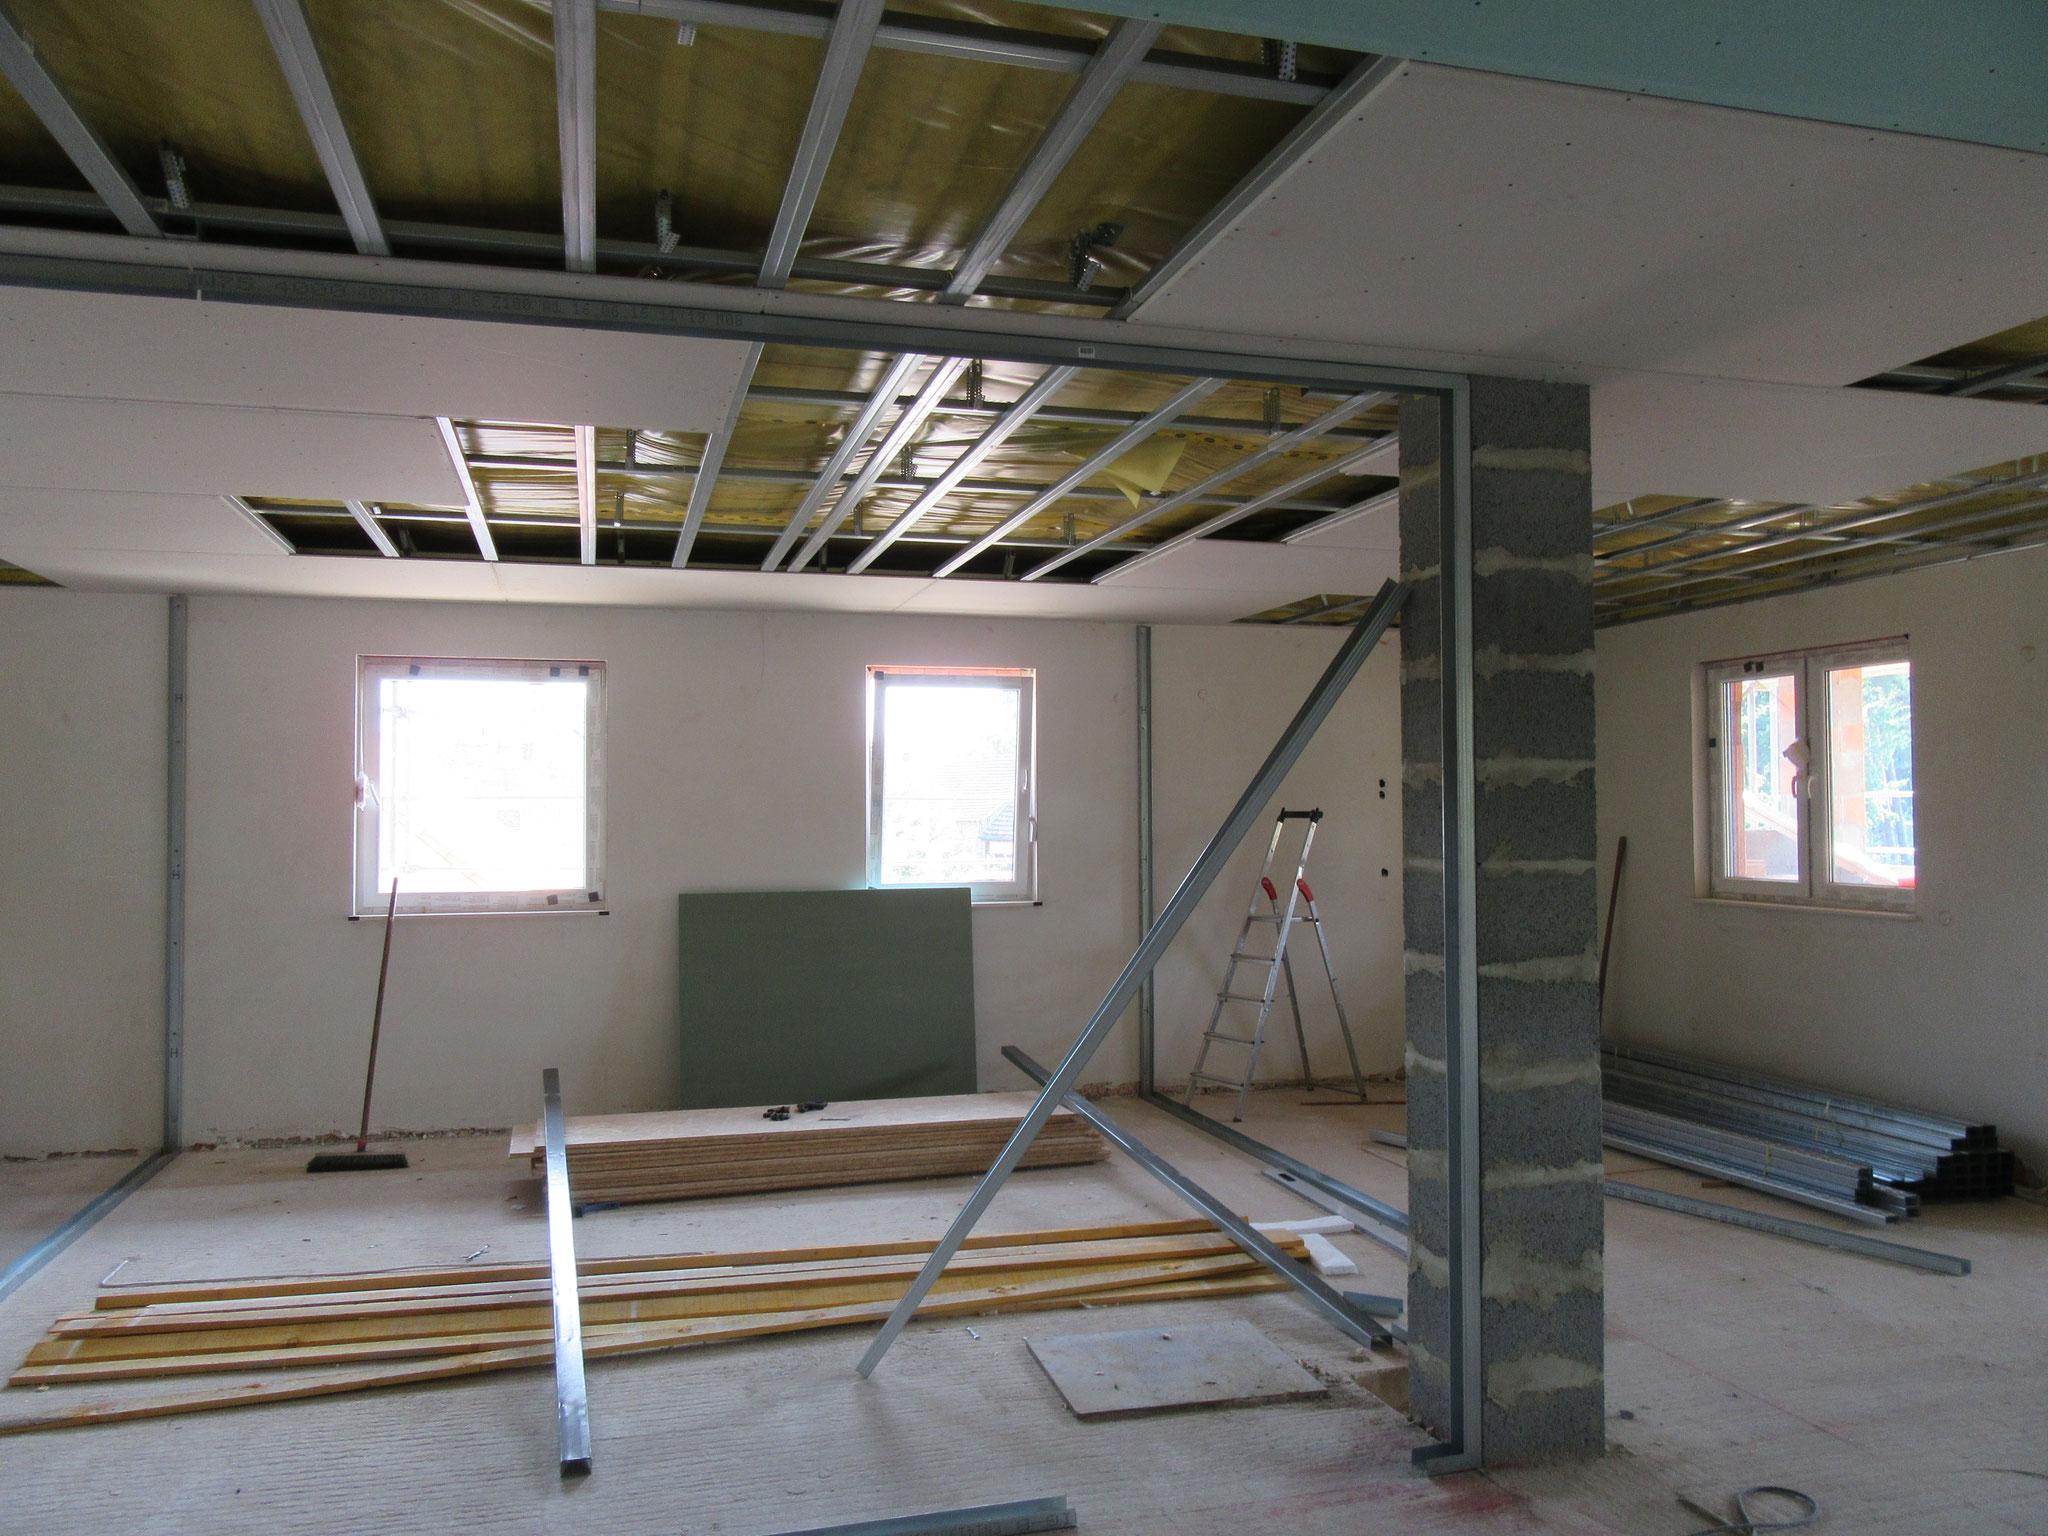 Montage der Unterkonstruktion mit Montage der Gipskartonplatten für die Erstellung der Wände